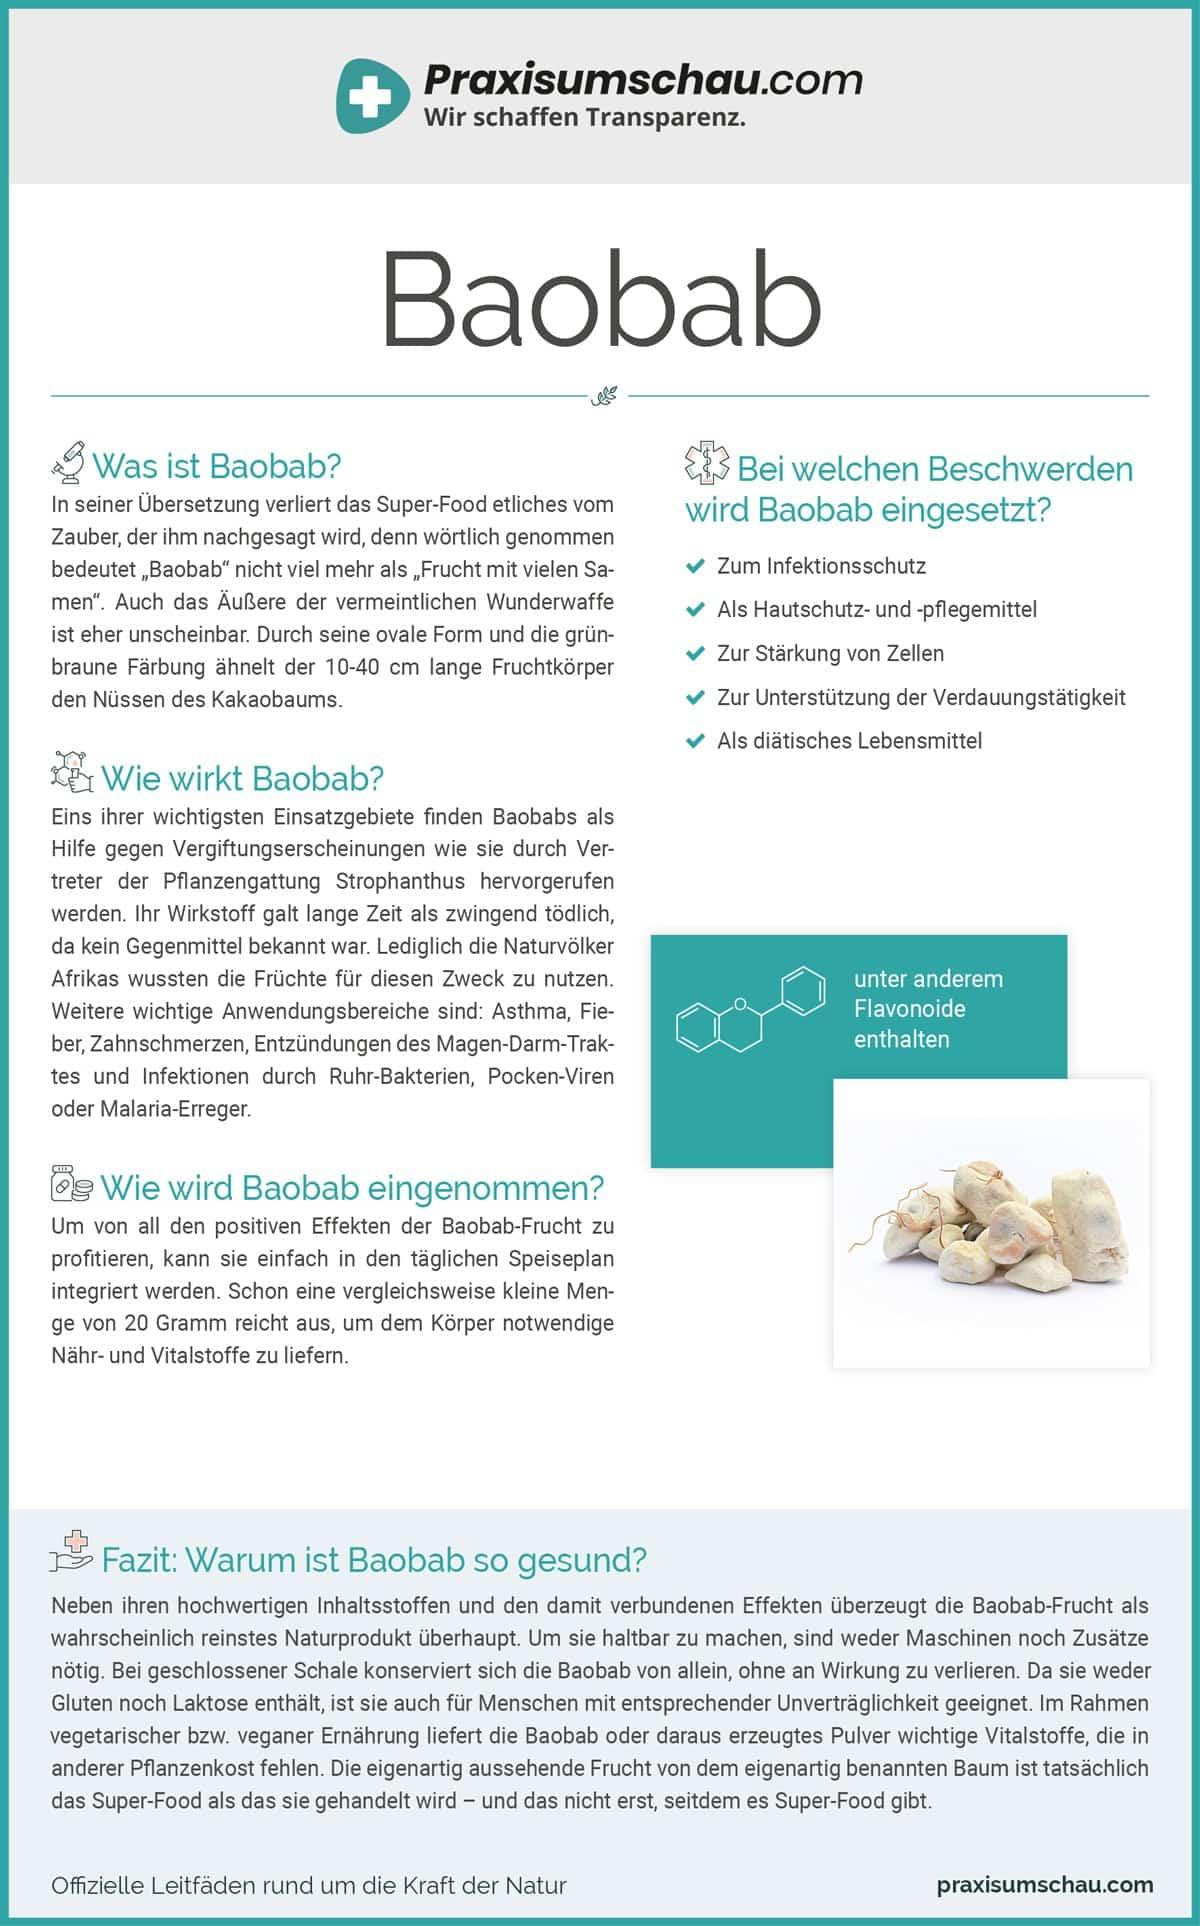 Baobab infografik pu